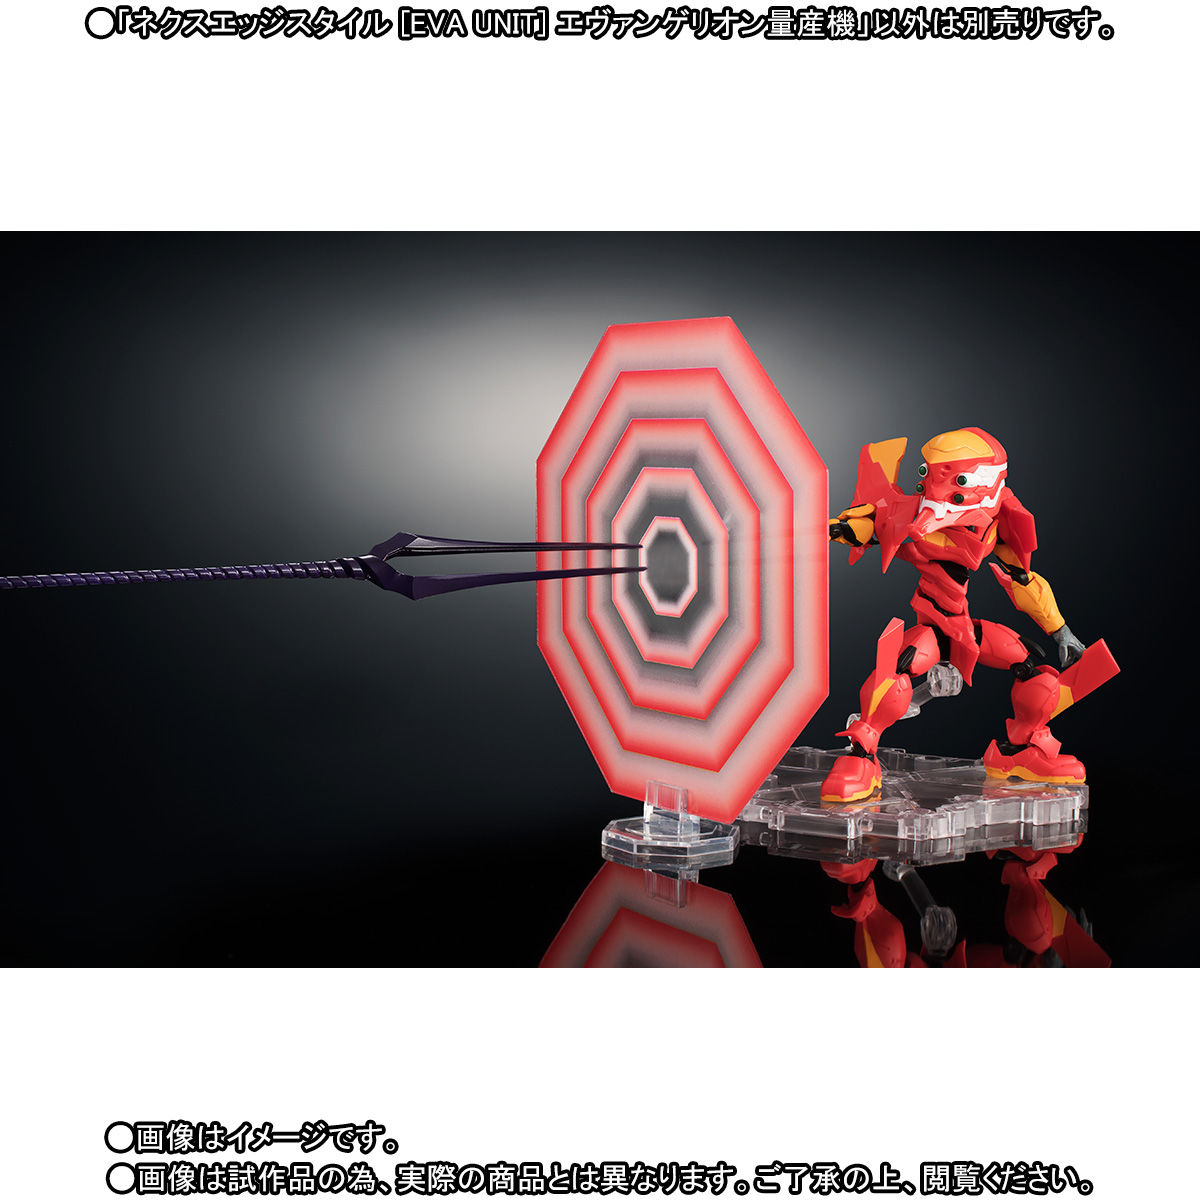 ネクスエッジスタイル [EVA UNIT] 『エヴァンゲリオン量産機』可動フィギュア-008